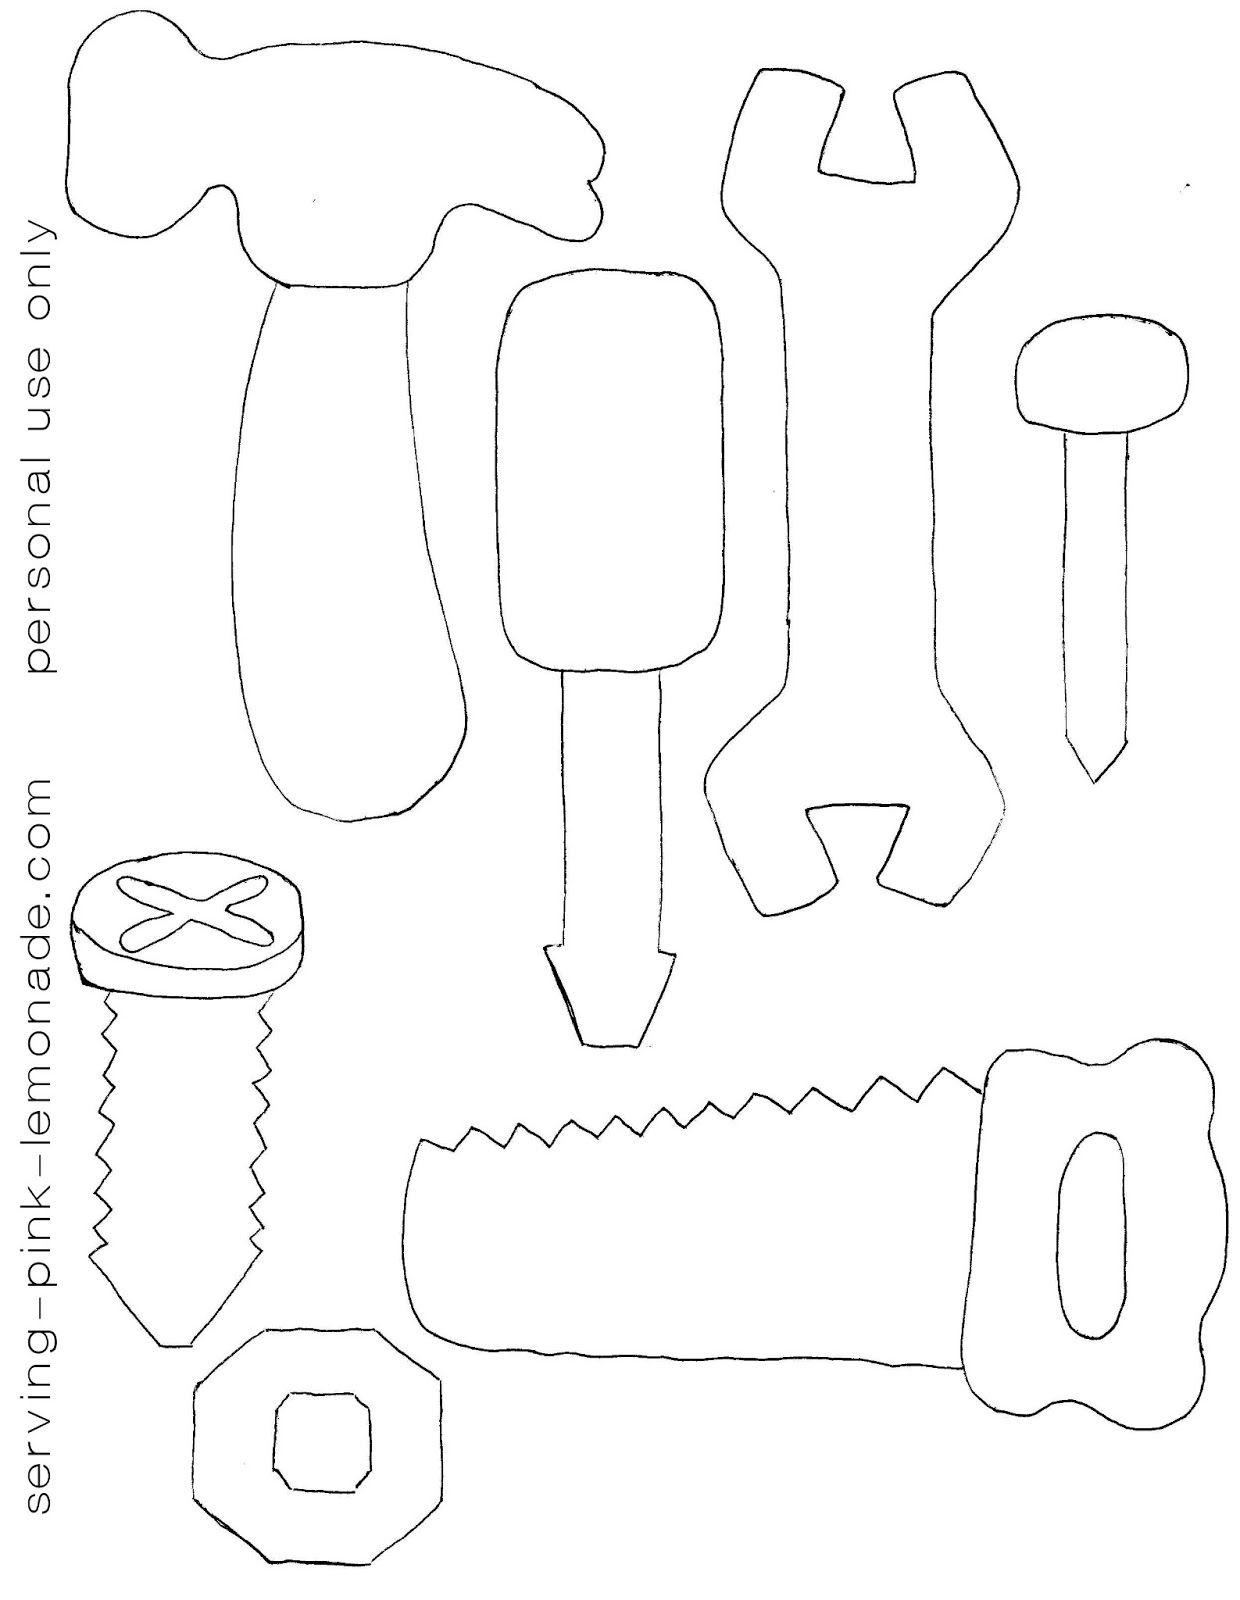 Fieltro | Dibujos de herramientas y utensilios | Pinterest | Fieltro ...